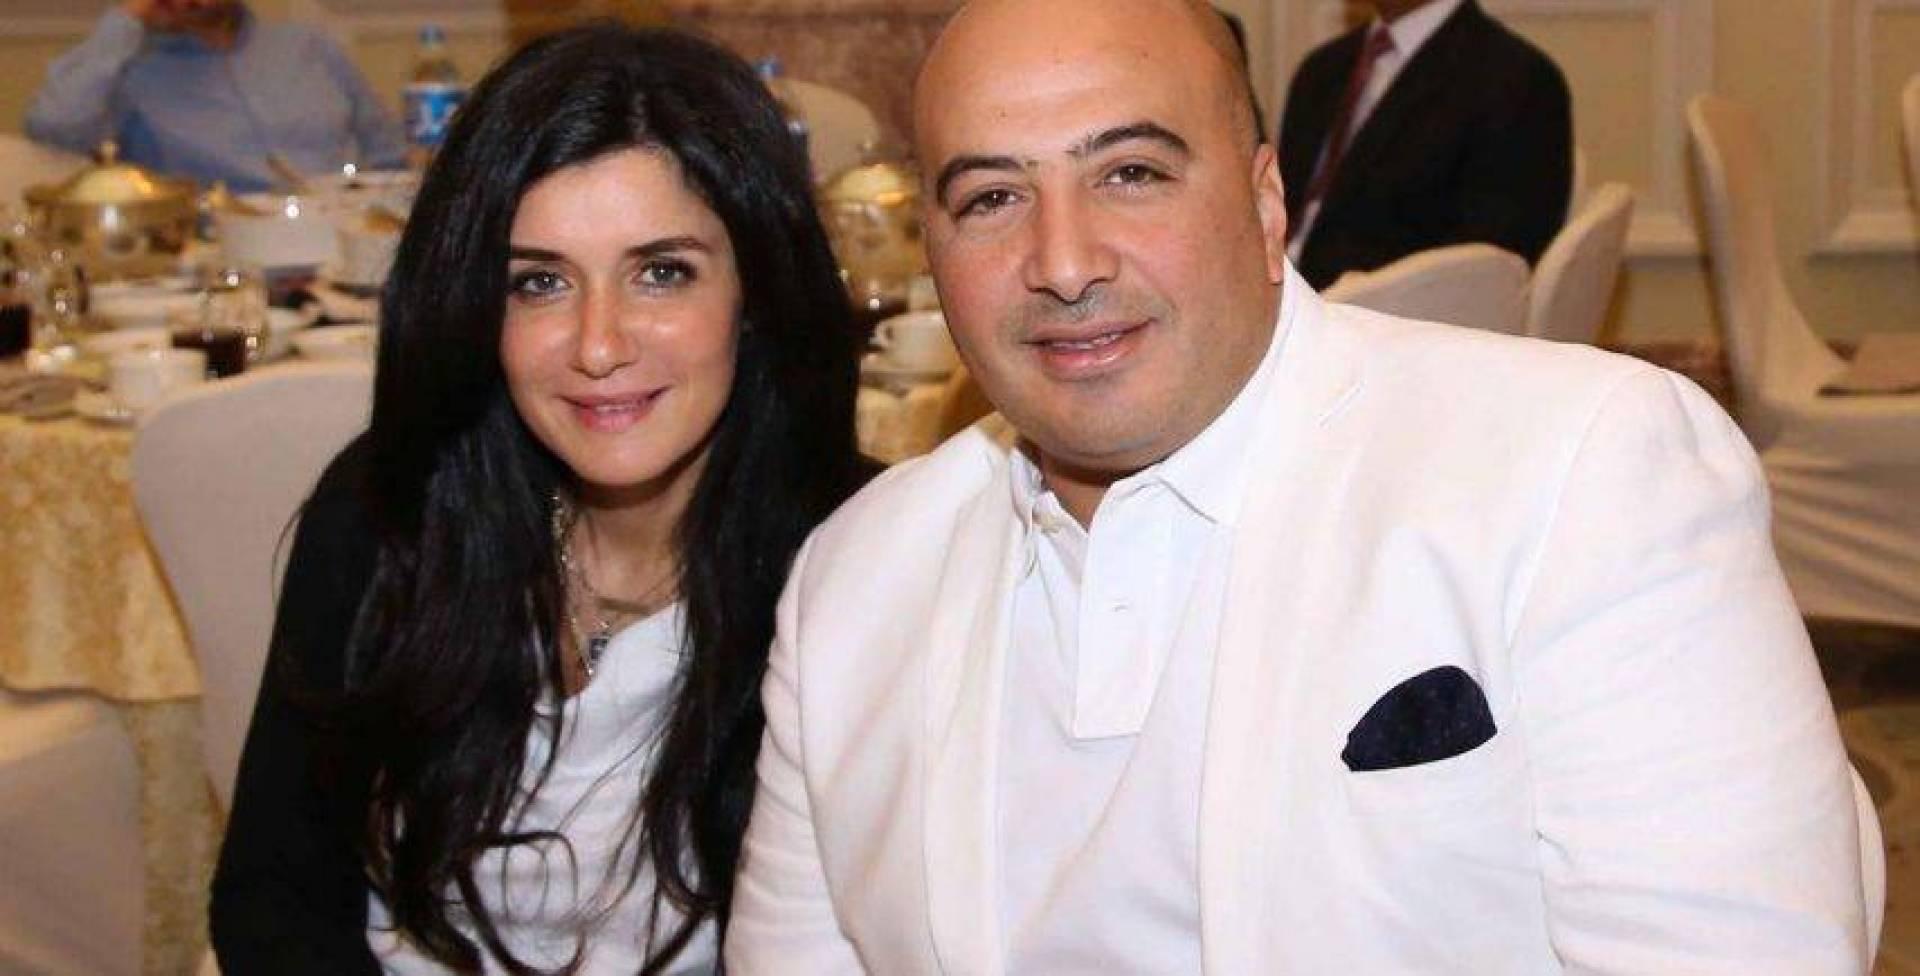 خاص  لها  - فنانة تنشر شائعة طلاق غادة عادل.. من هي وماذا فعل زوجها؟   Laha Magazine